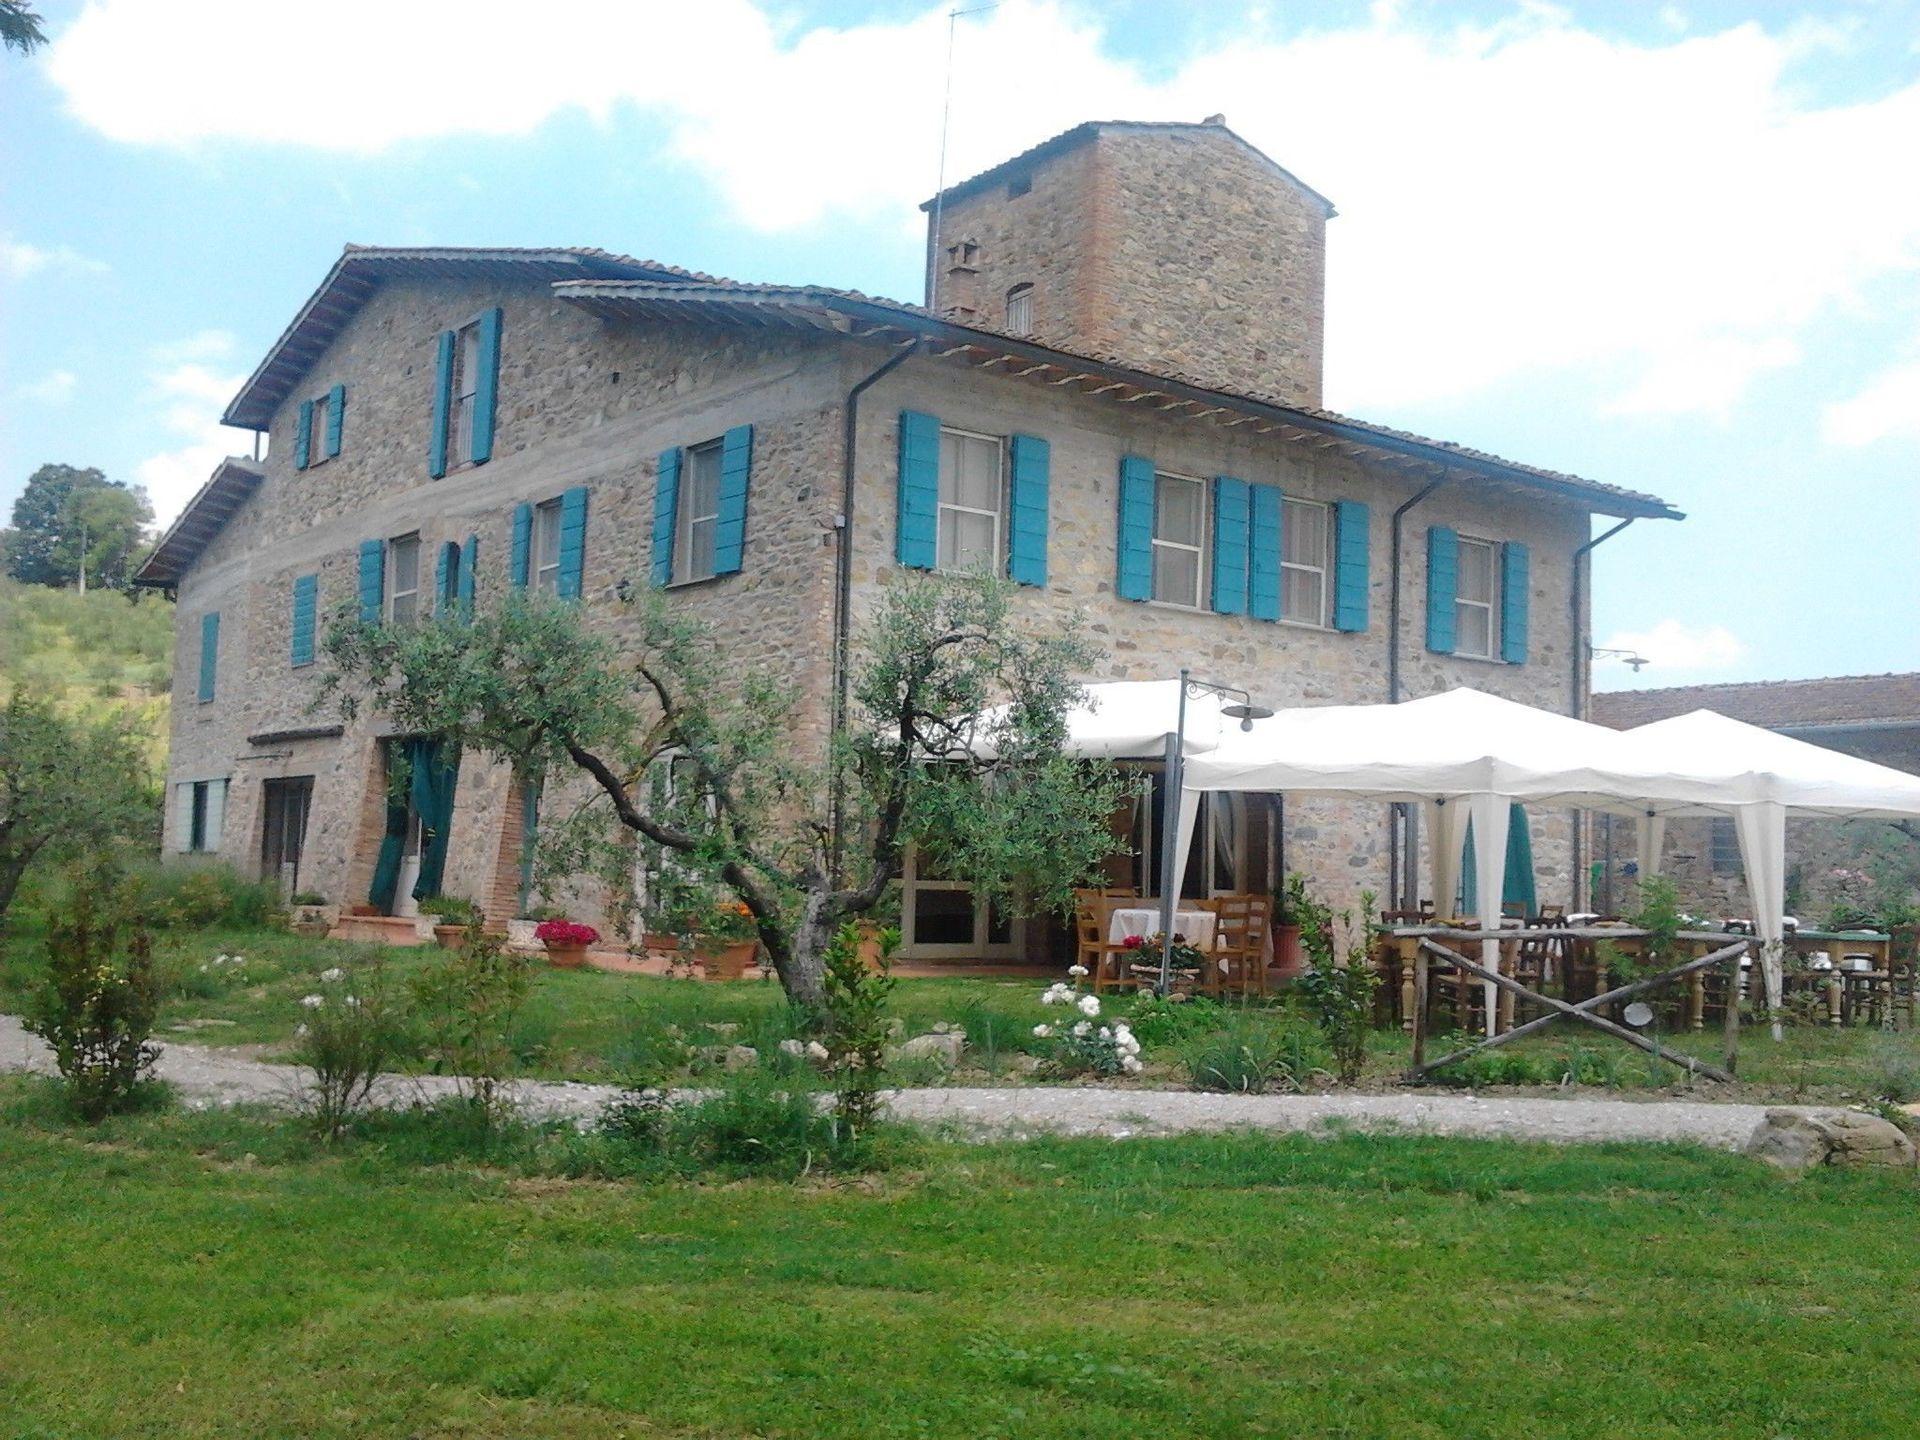 La Torre Antica B&b - Casa vacanze con 18 Posti Letto in 9 Camere ...